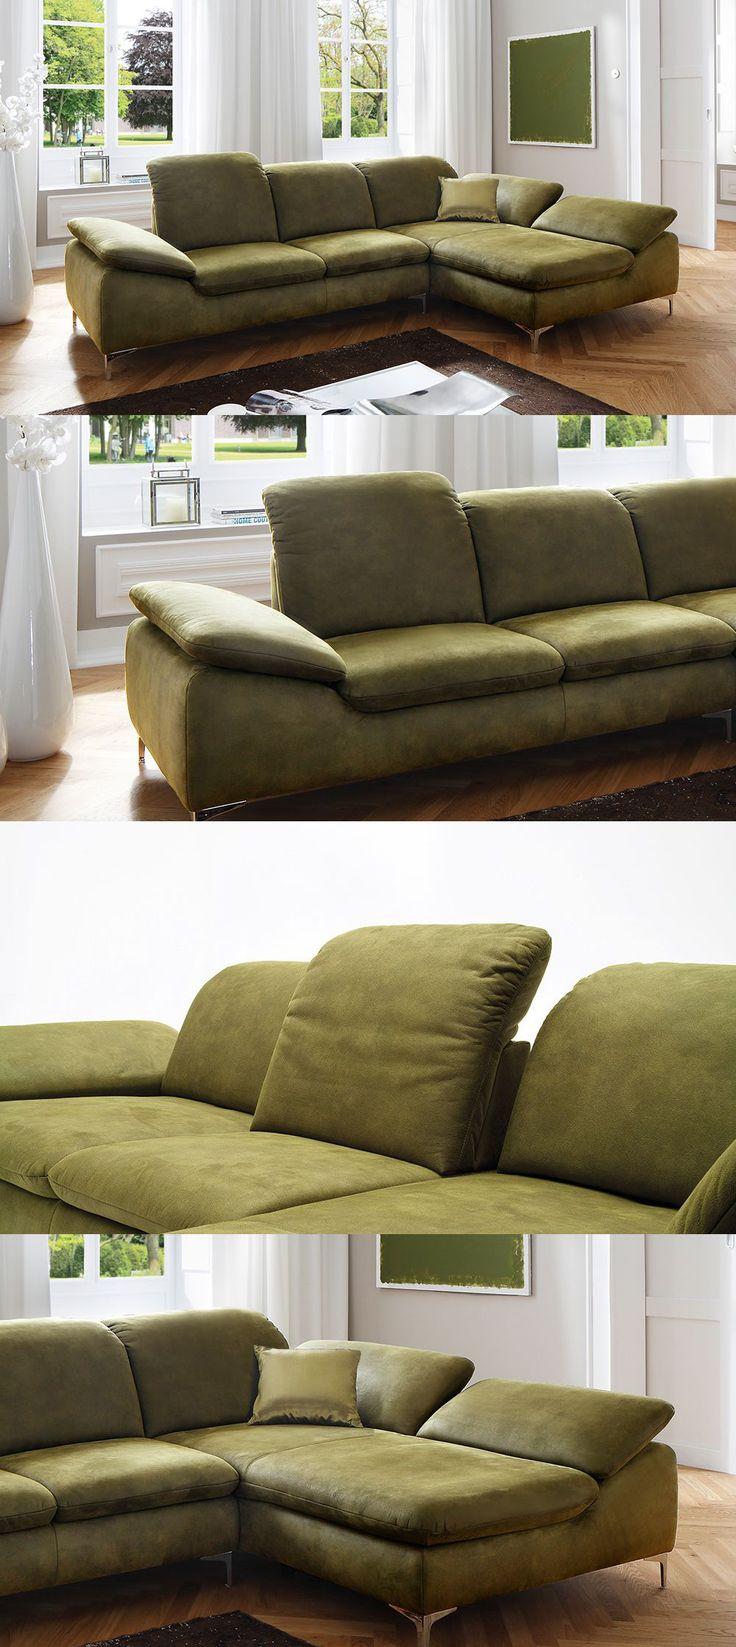 grünes Ecksofa Patarra | Bietet dir eine Wohlfühloase der Extraklasse mit vielen Relaxfunktionen und bequemer Polsterung. #Candy #grün #Sofa #MoebelLETZ